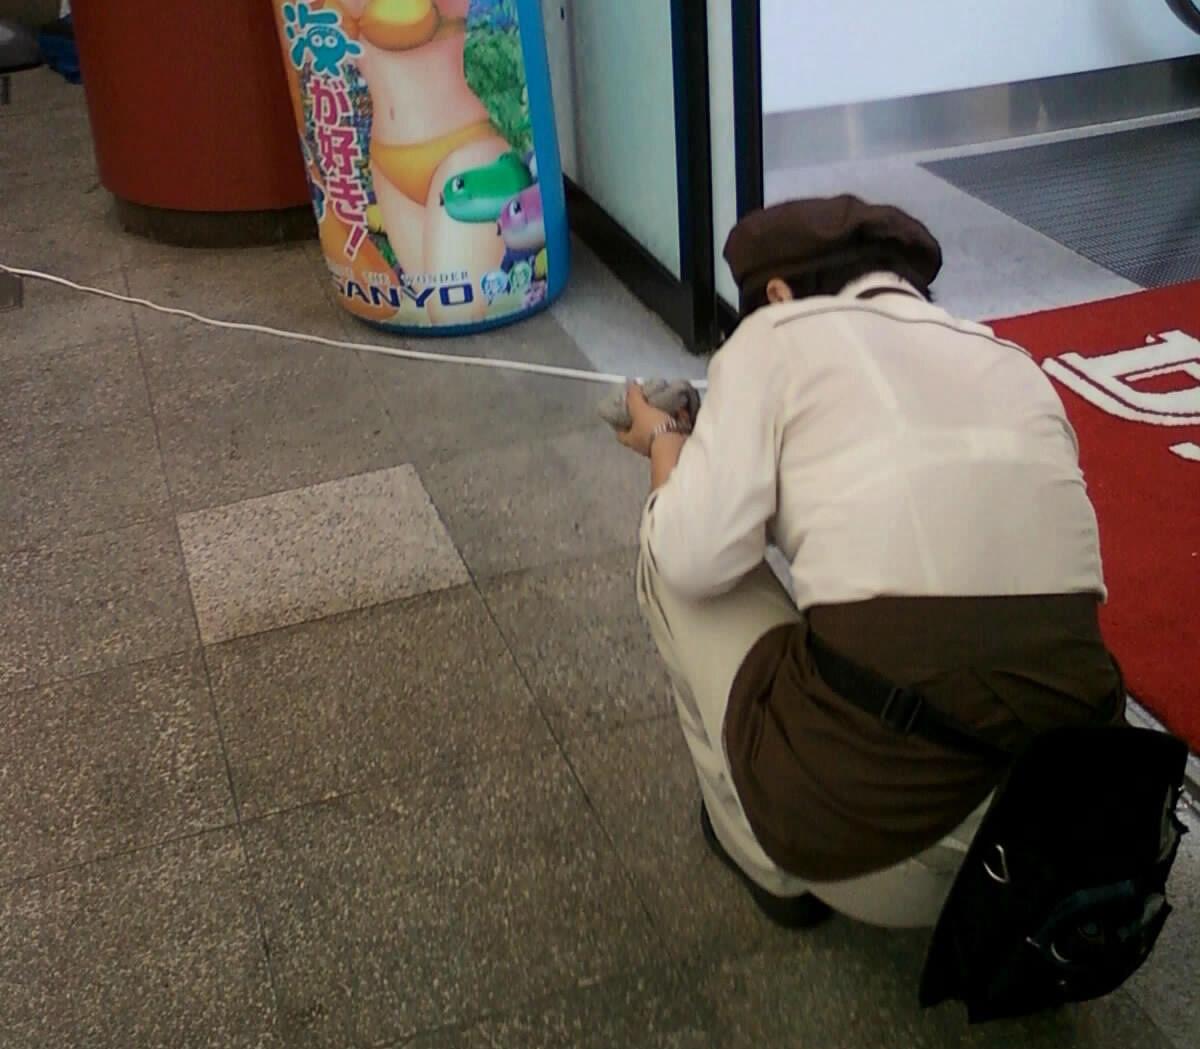 店員 ナース OL 働く女性 透けブラ エロ画像【26】